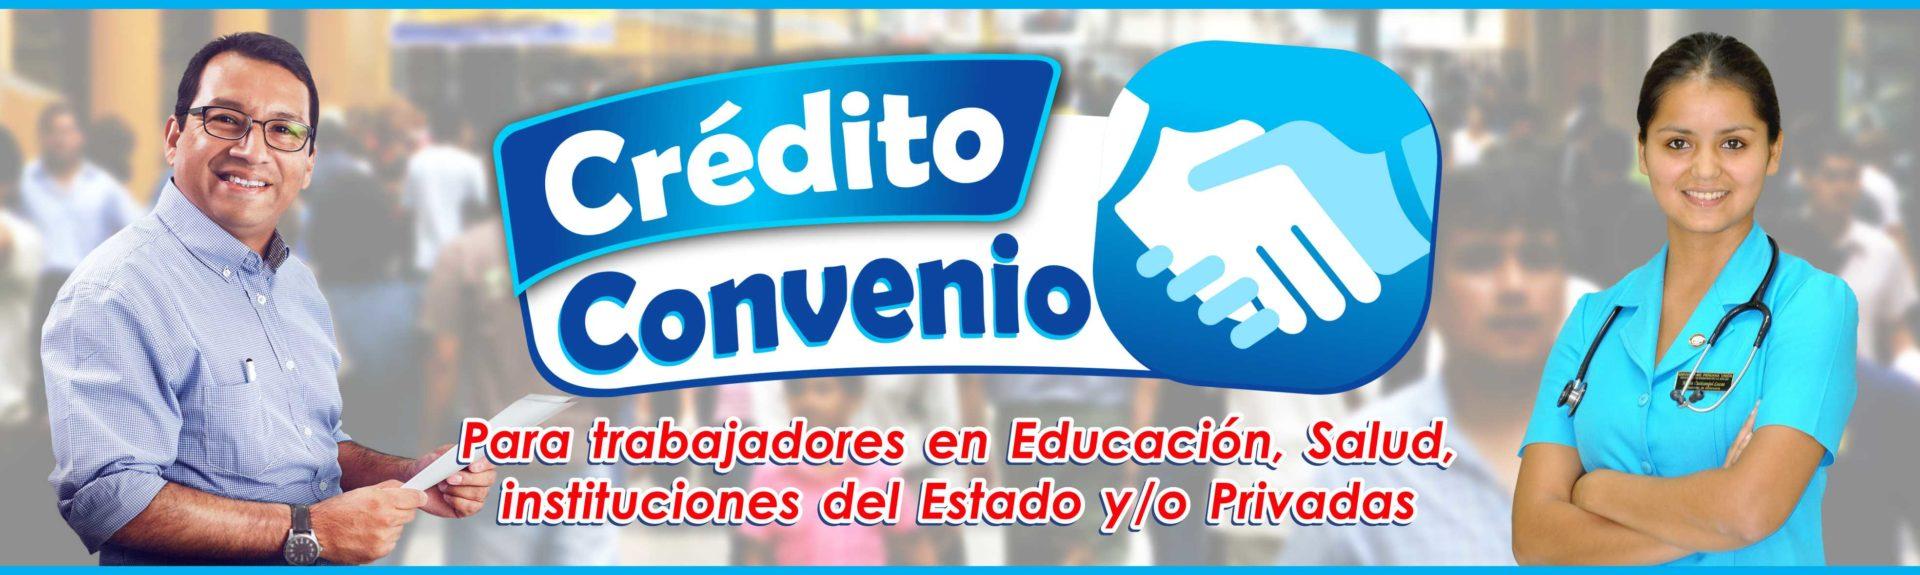 web-credito-convenio-ok